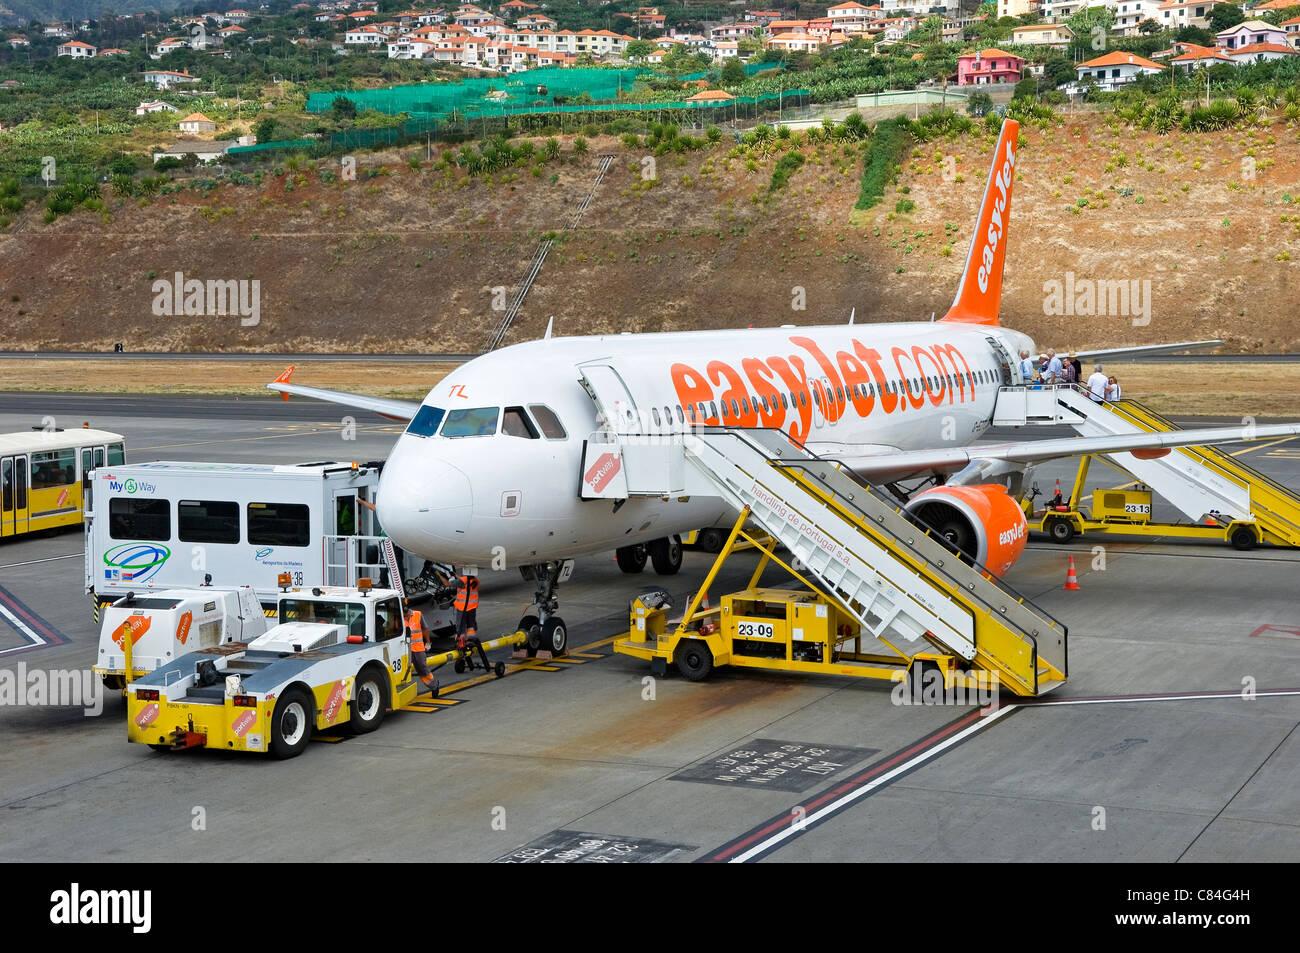 EasyJet avion stationné à l'aéroport de Funchal Madeira Portugal Europe de l'UE Photo Stock